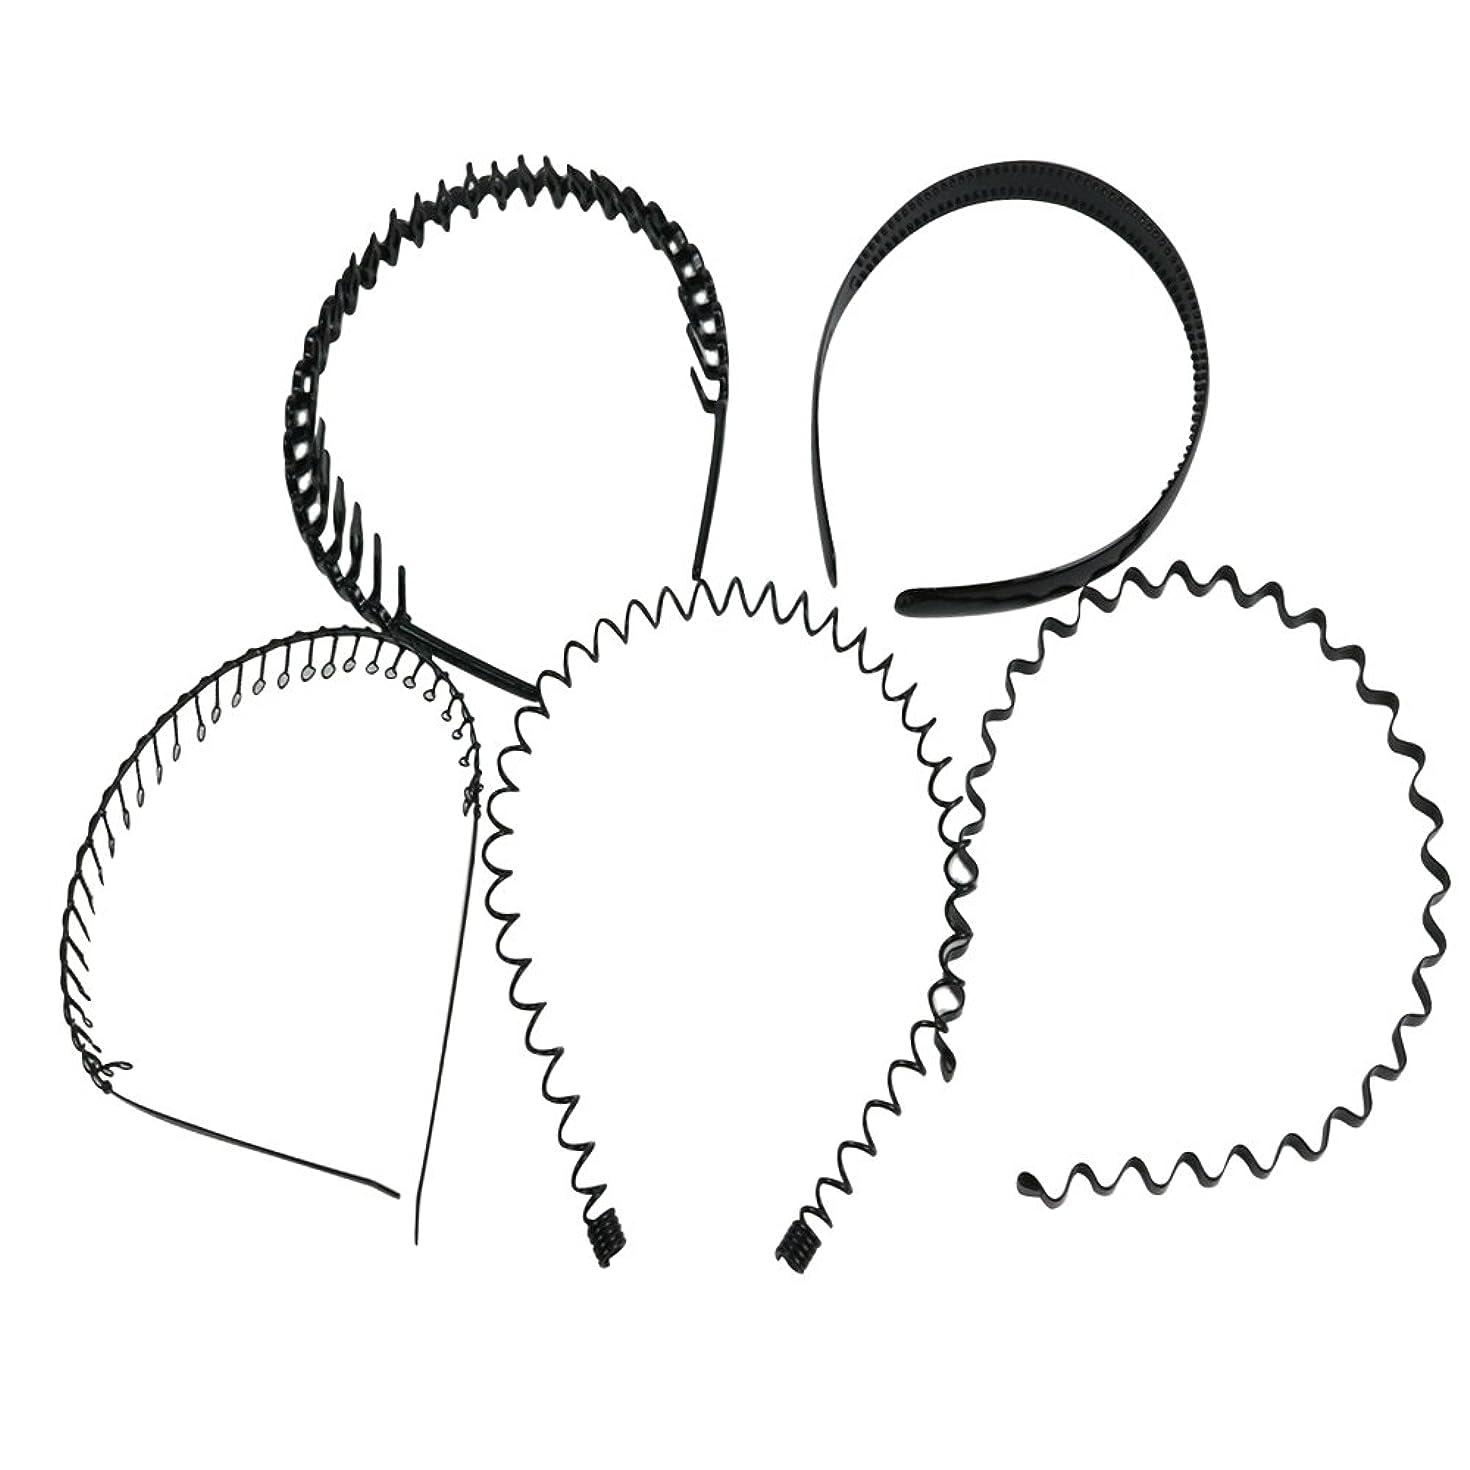 損傷職業繊毛palaisgent カチューシャ 5種類セット 波型 コイル コーム付き シンプル ブラック 男女兼用